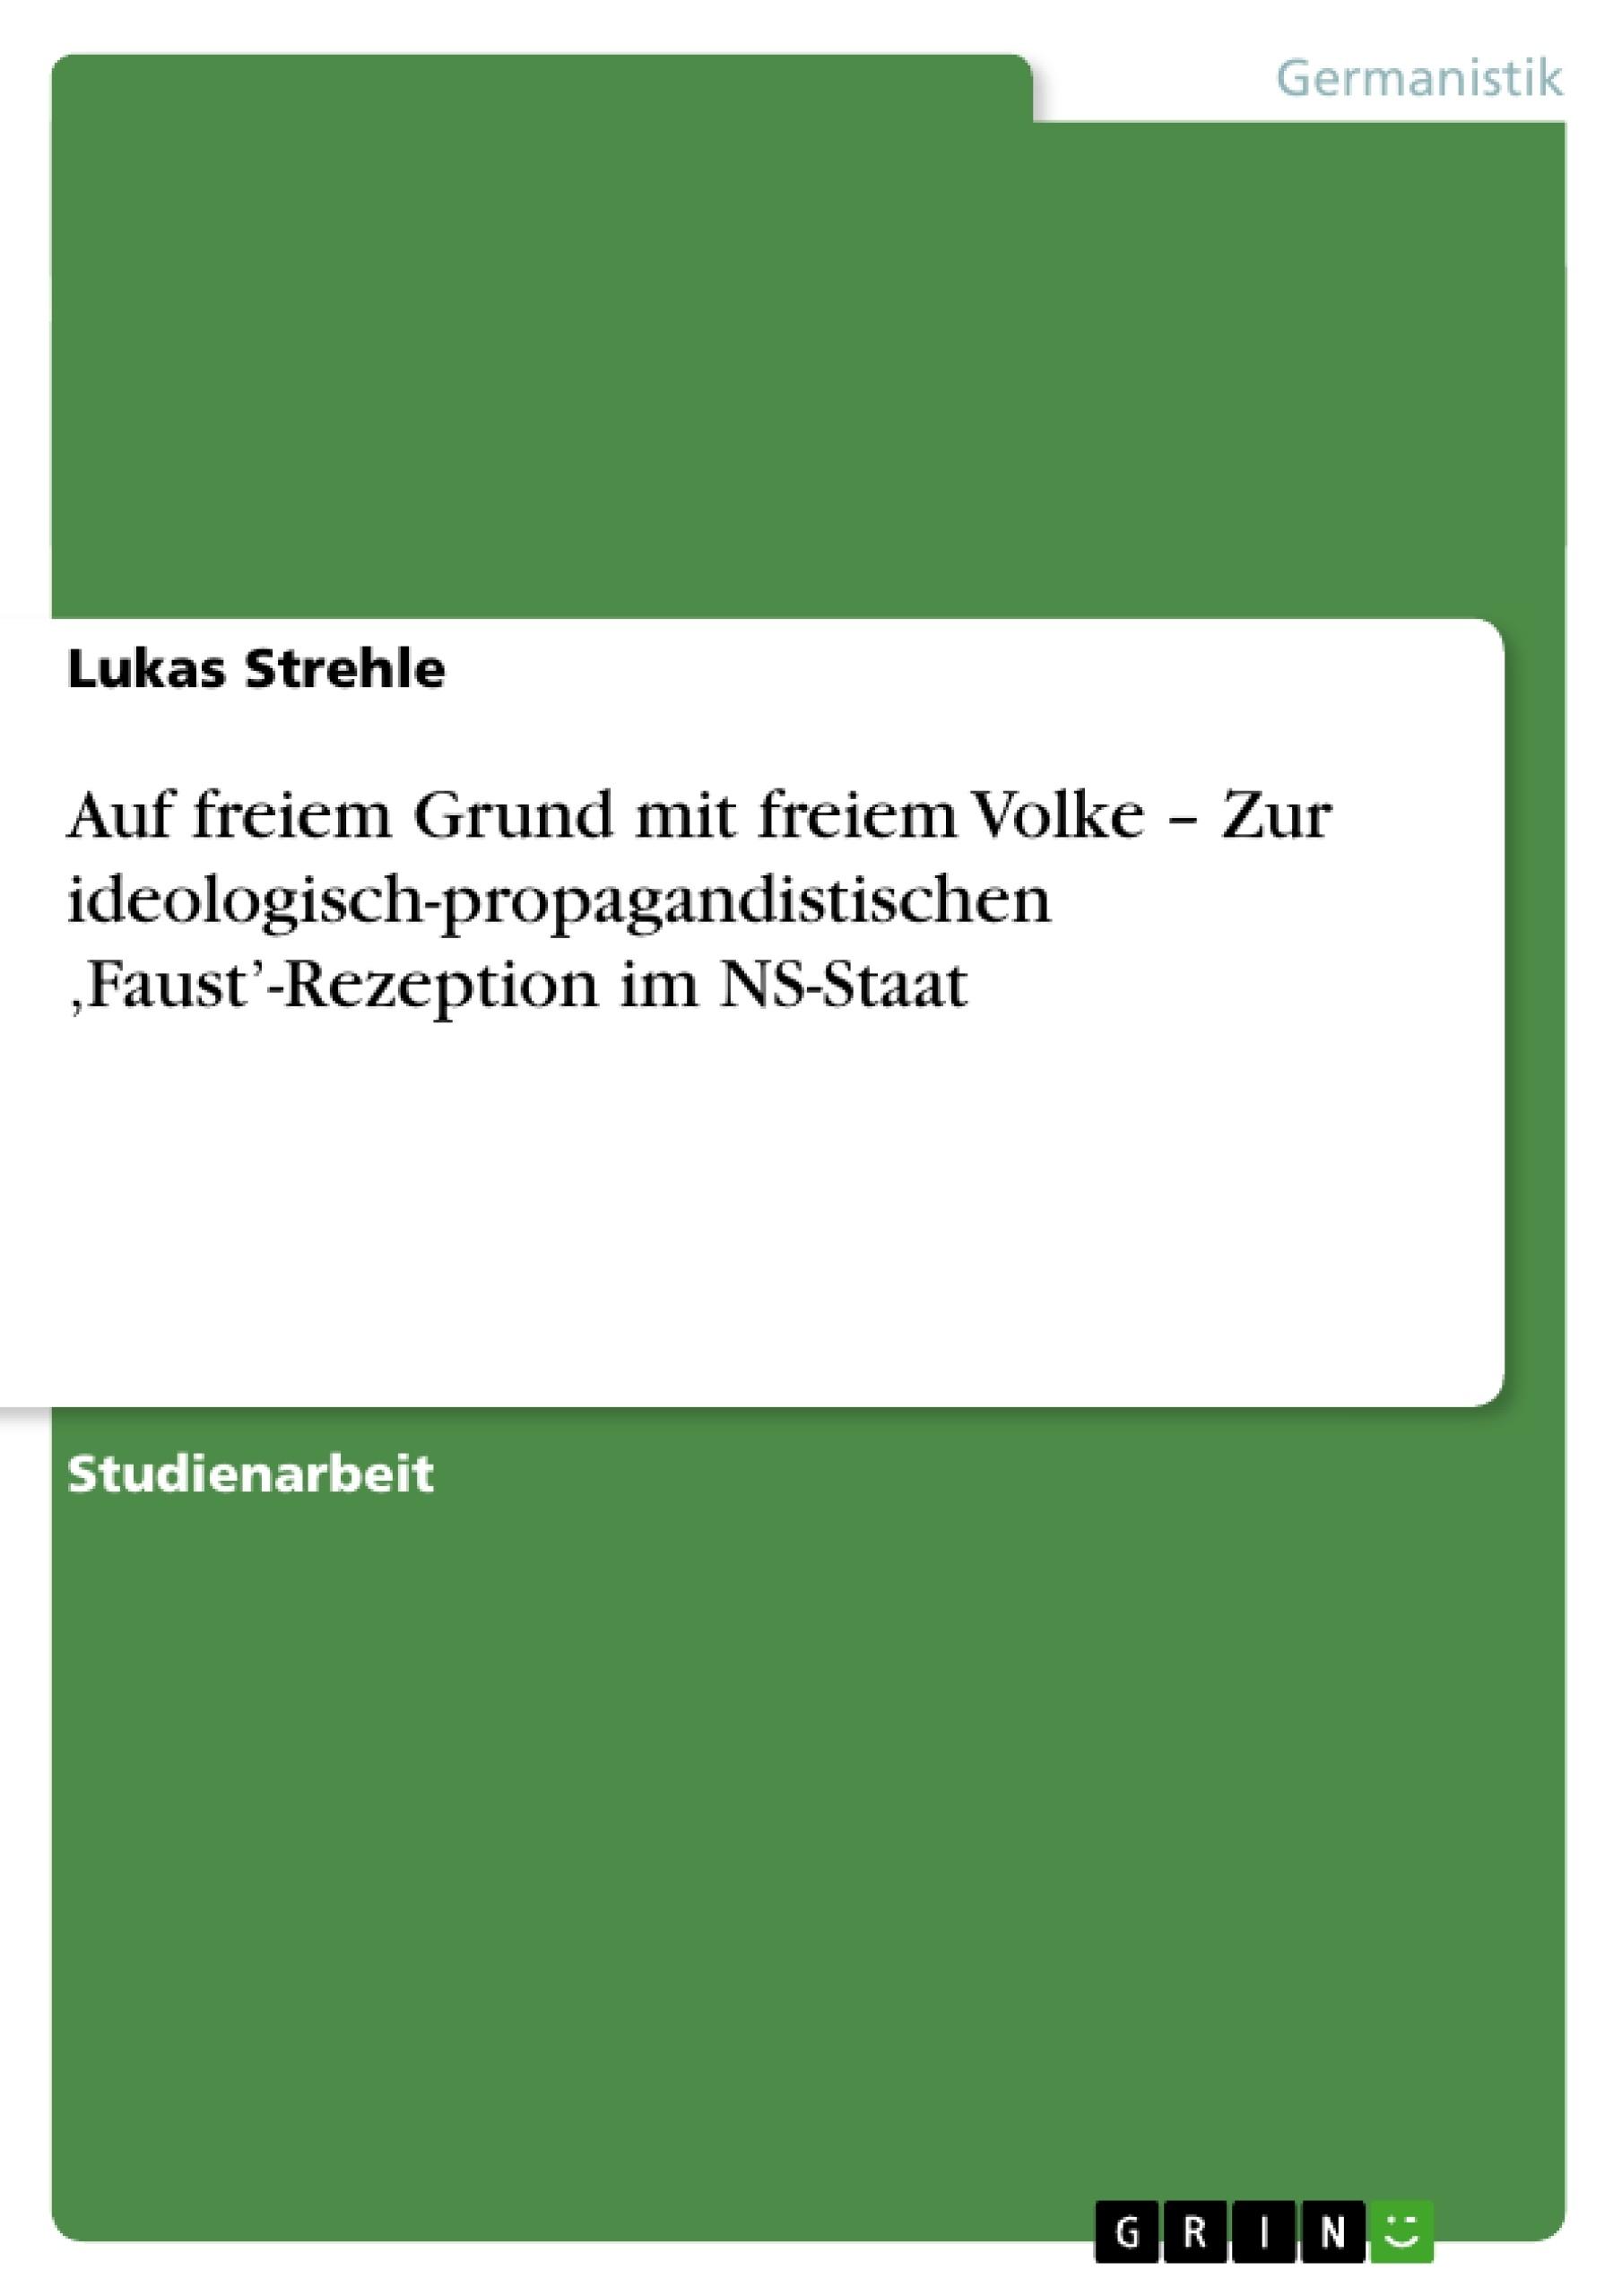 Titel: Auf freiem Grund mit freiem Volke –  Zur ideologisch-propagandistischen 'Faust'-Rezeption im NS-Staat